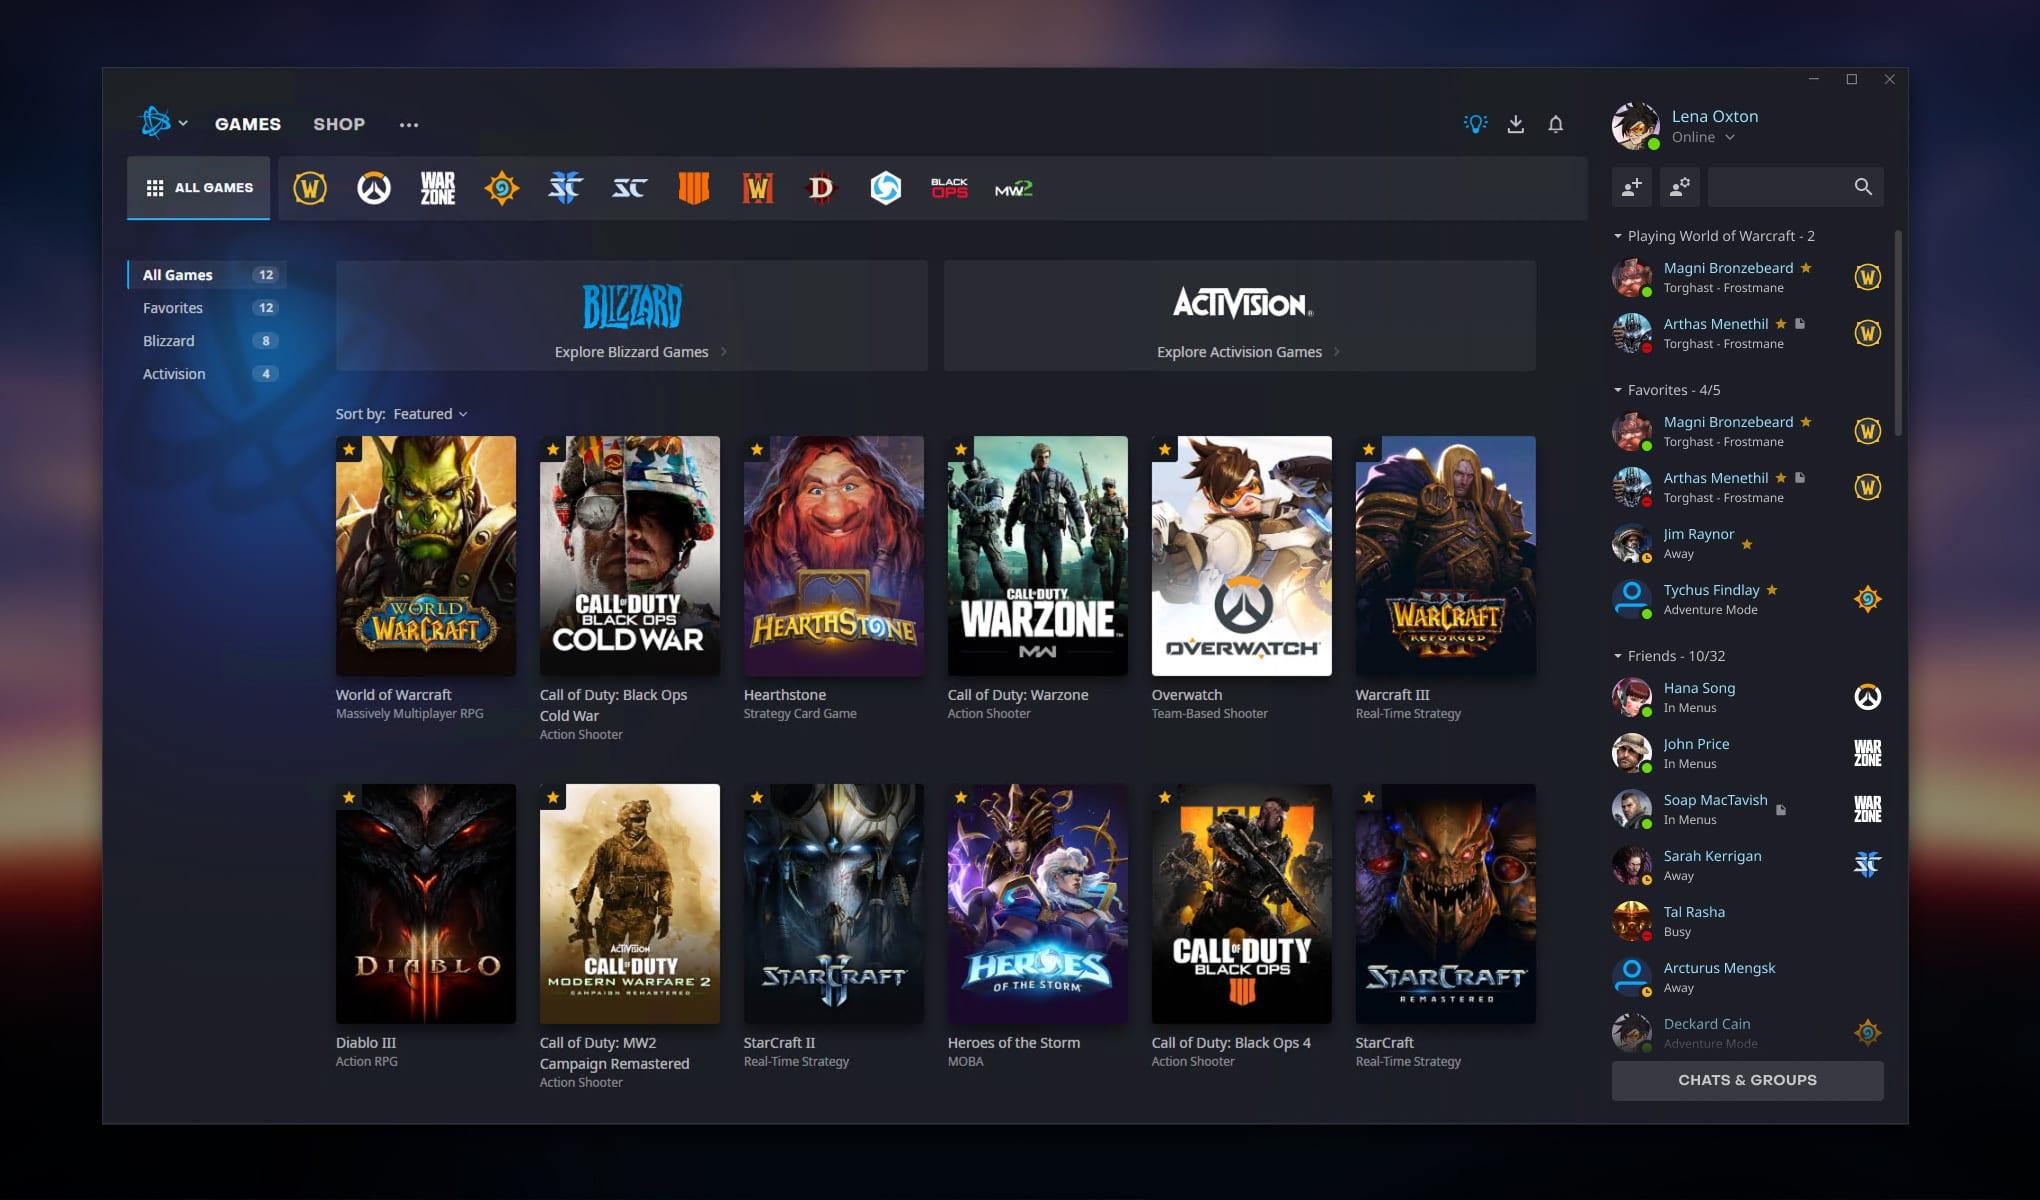 Neuer Blizzard-Launcher für Battlenet - was ist neu?